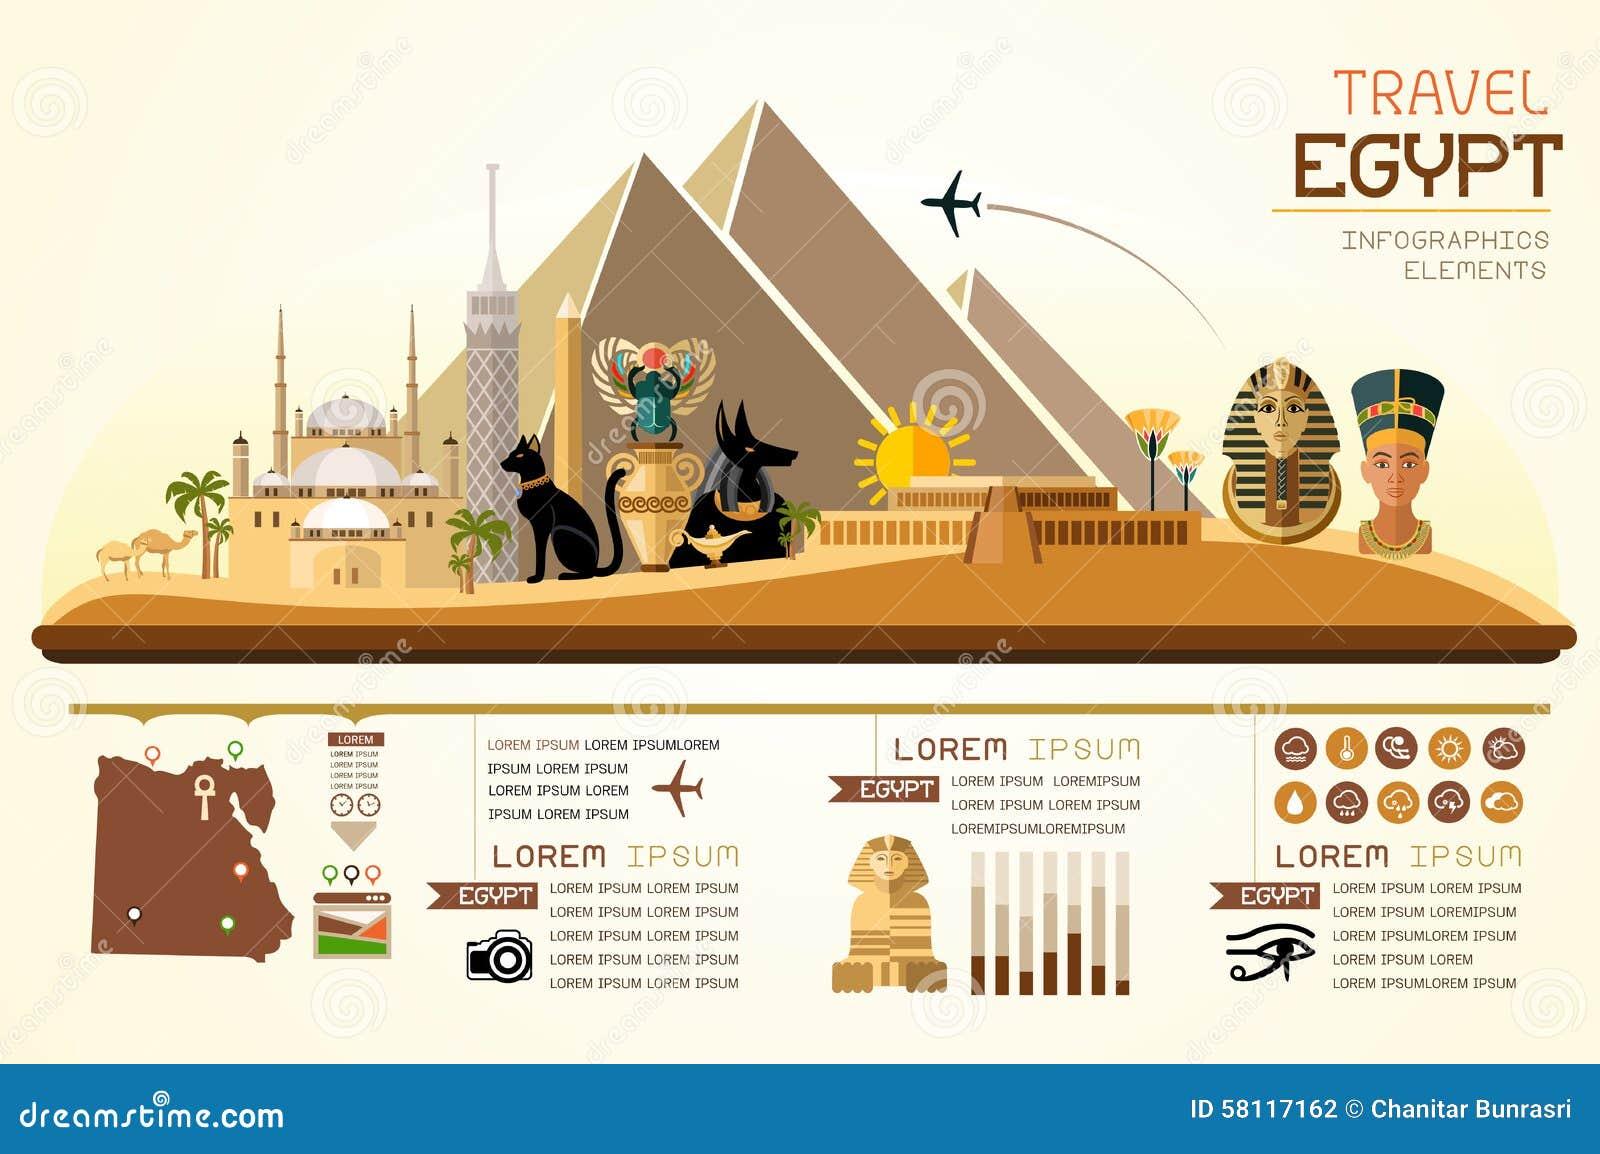 Info graphics travel and landmark egypt template design for Egypt brochure templates